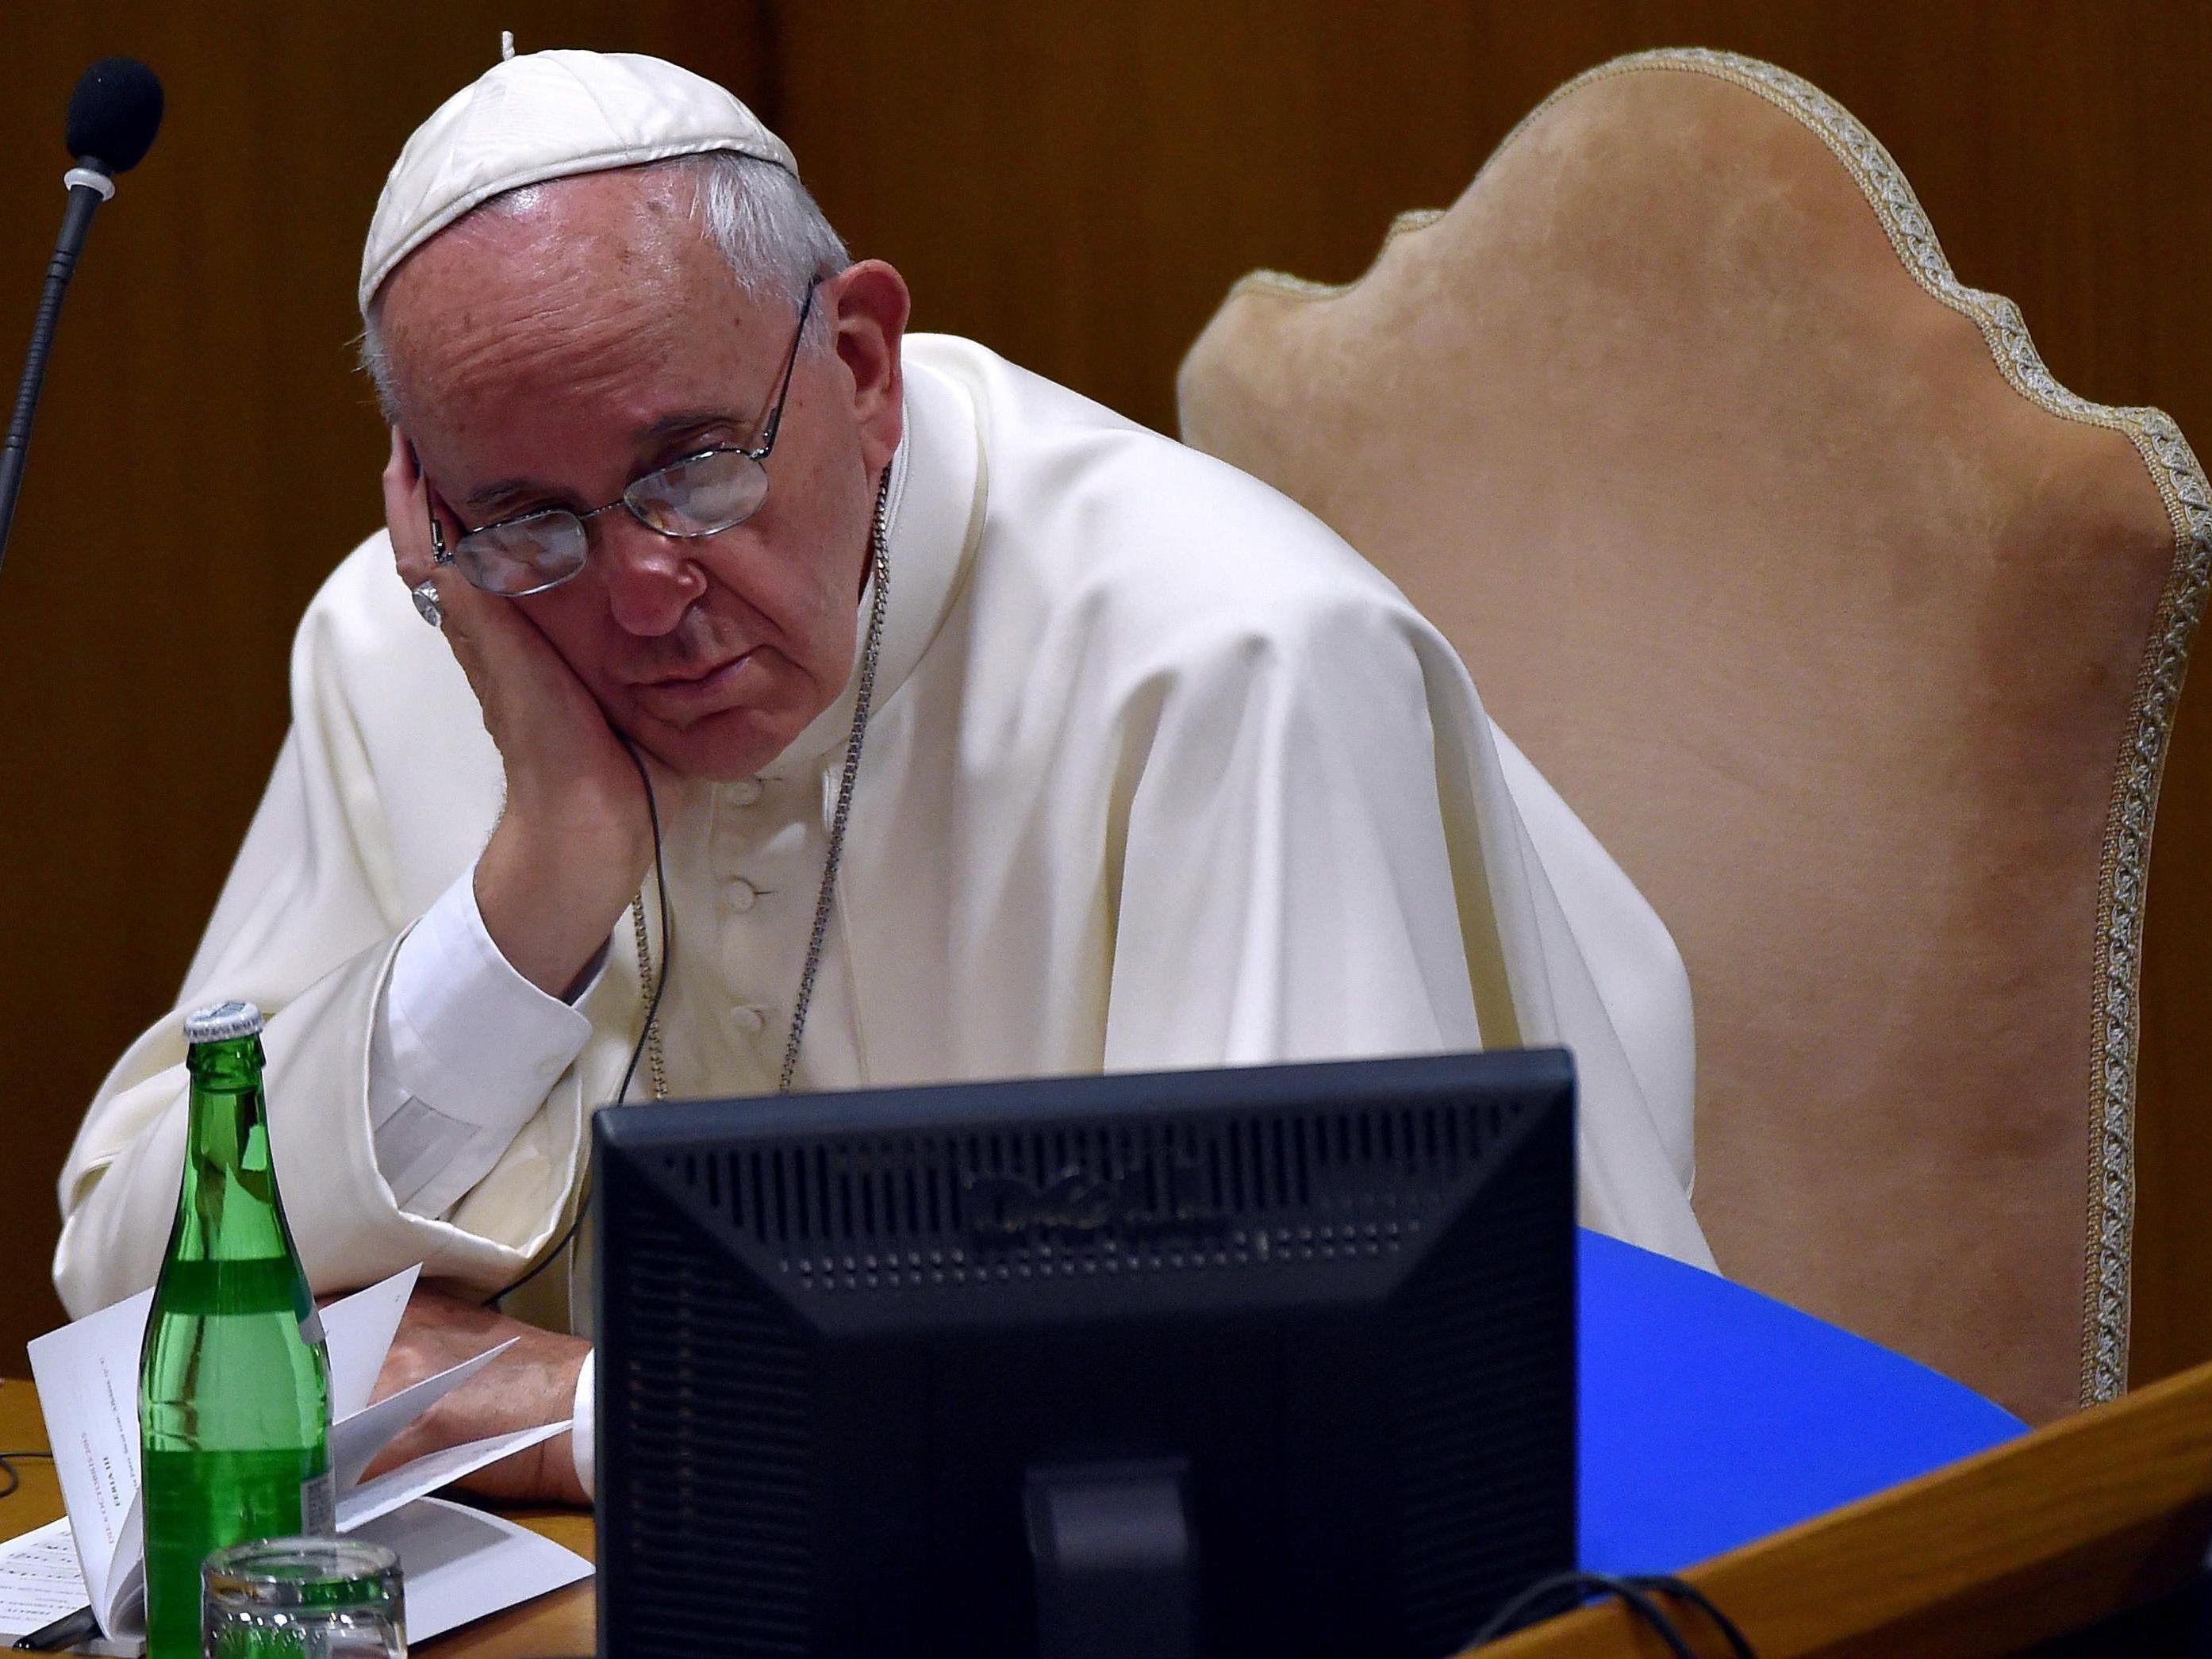 Der Beschwerdebrief für Papst Franzsiskus sollte privat zugestellt werden